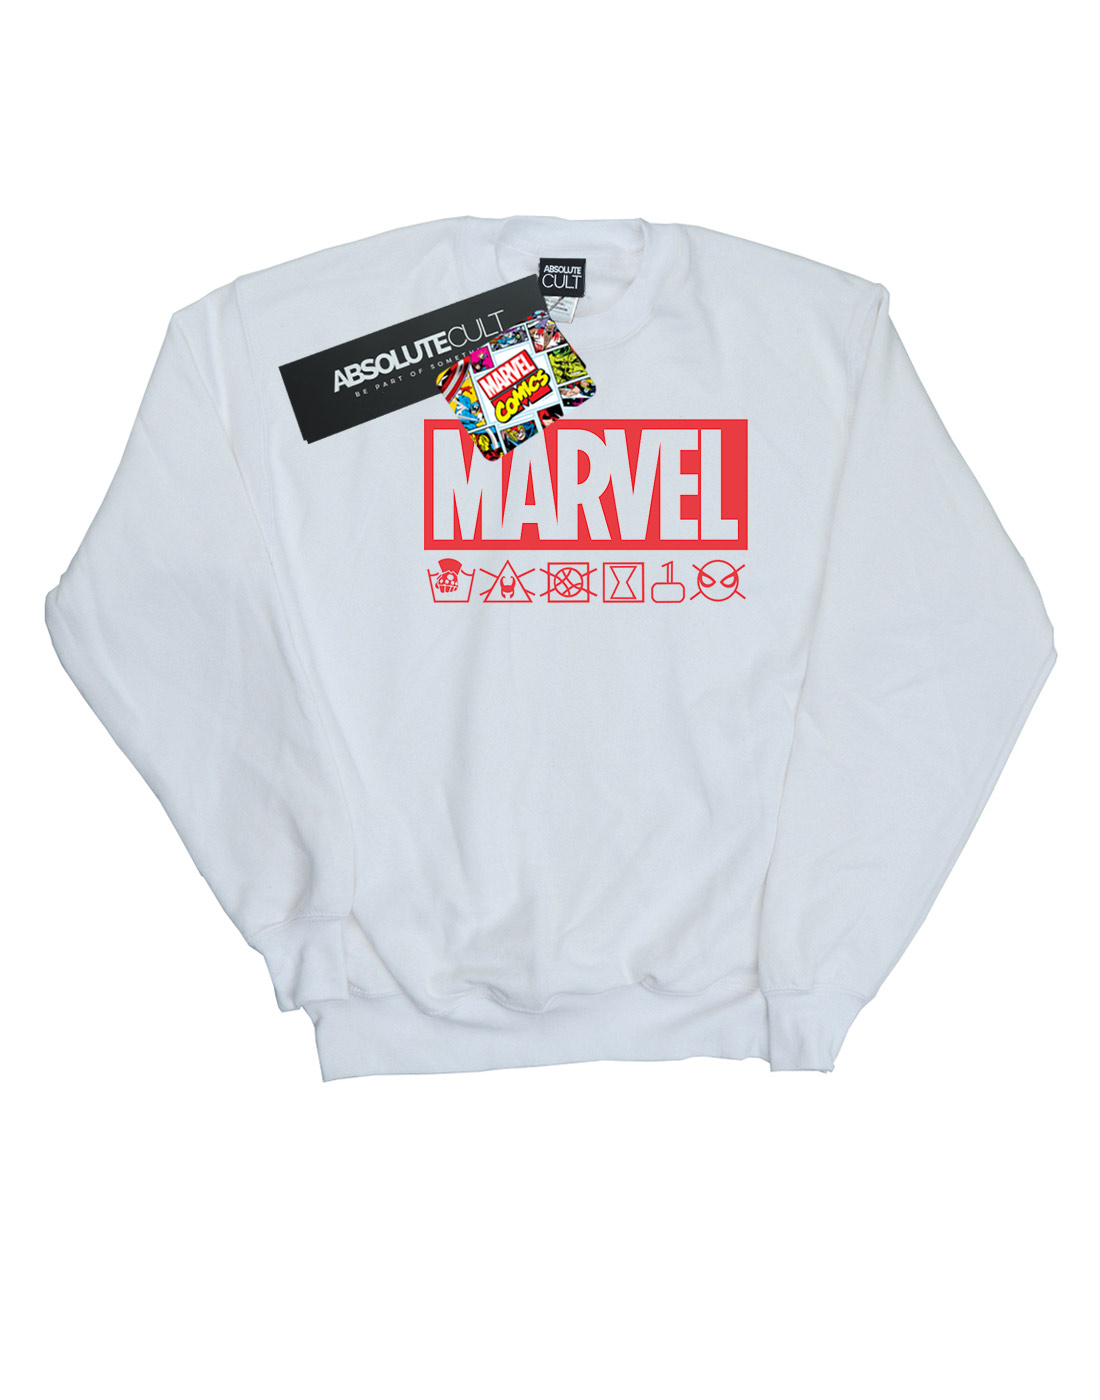 Marvel Damen Logo Wash Care Sweatshirt | | | Exquisite Verarbeitung  | Angemessener Preis  | Wonderful  | Große Auswahl  | Neueste Technologie  42e9aa